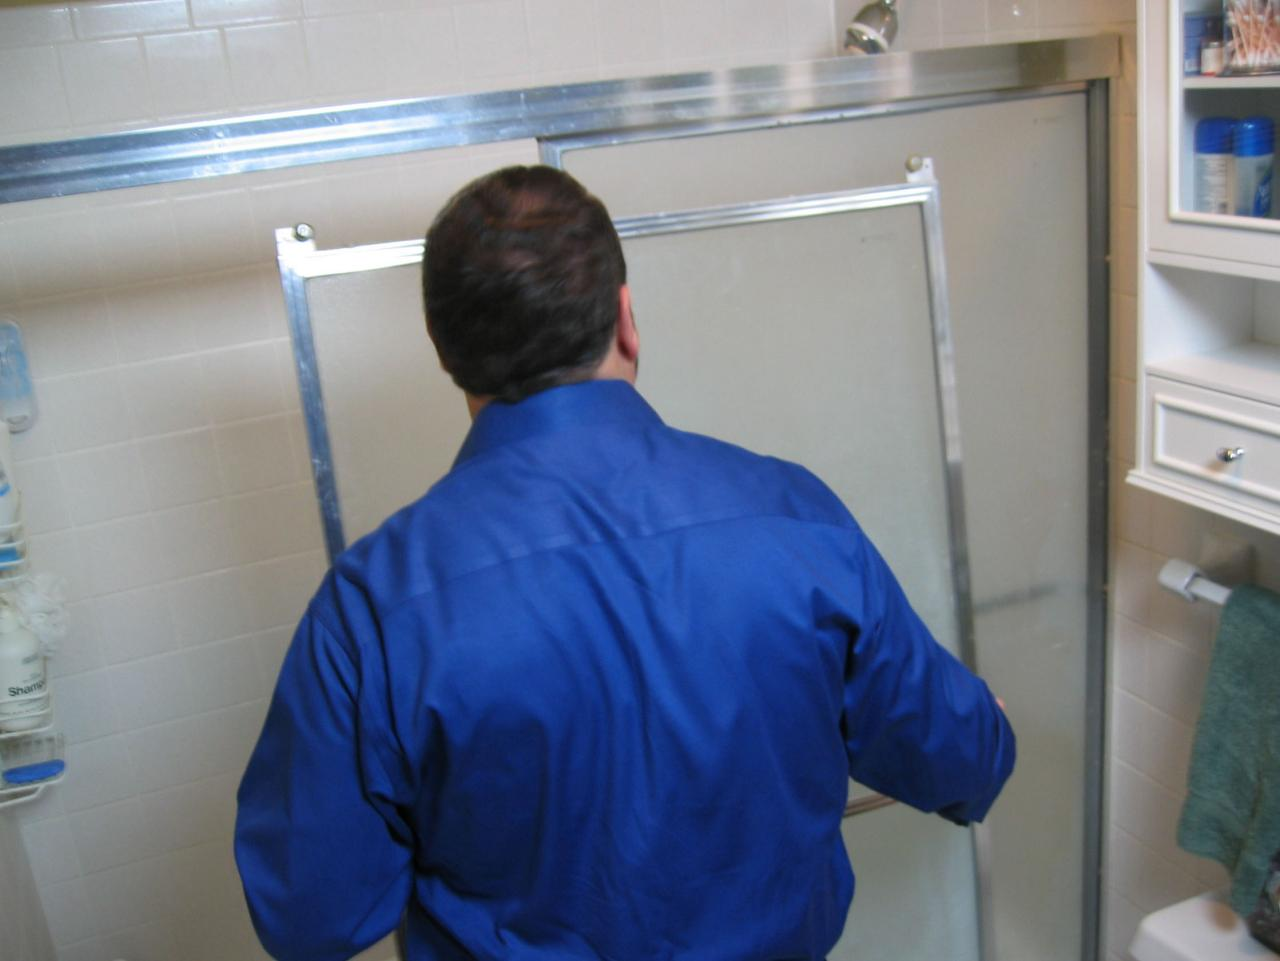 How to replace shower door bottom guide - Diy Replacing A Shower Door